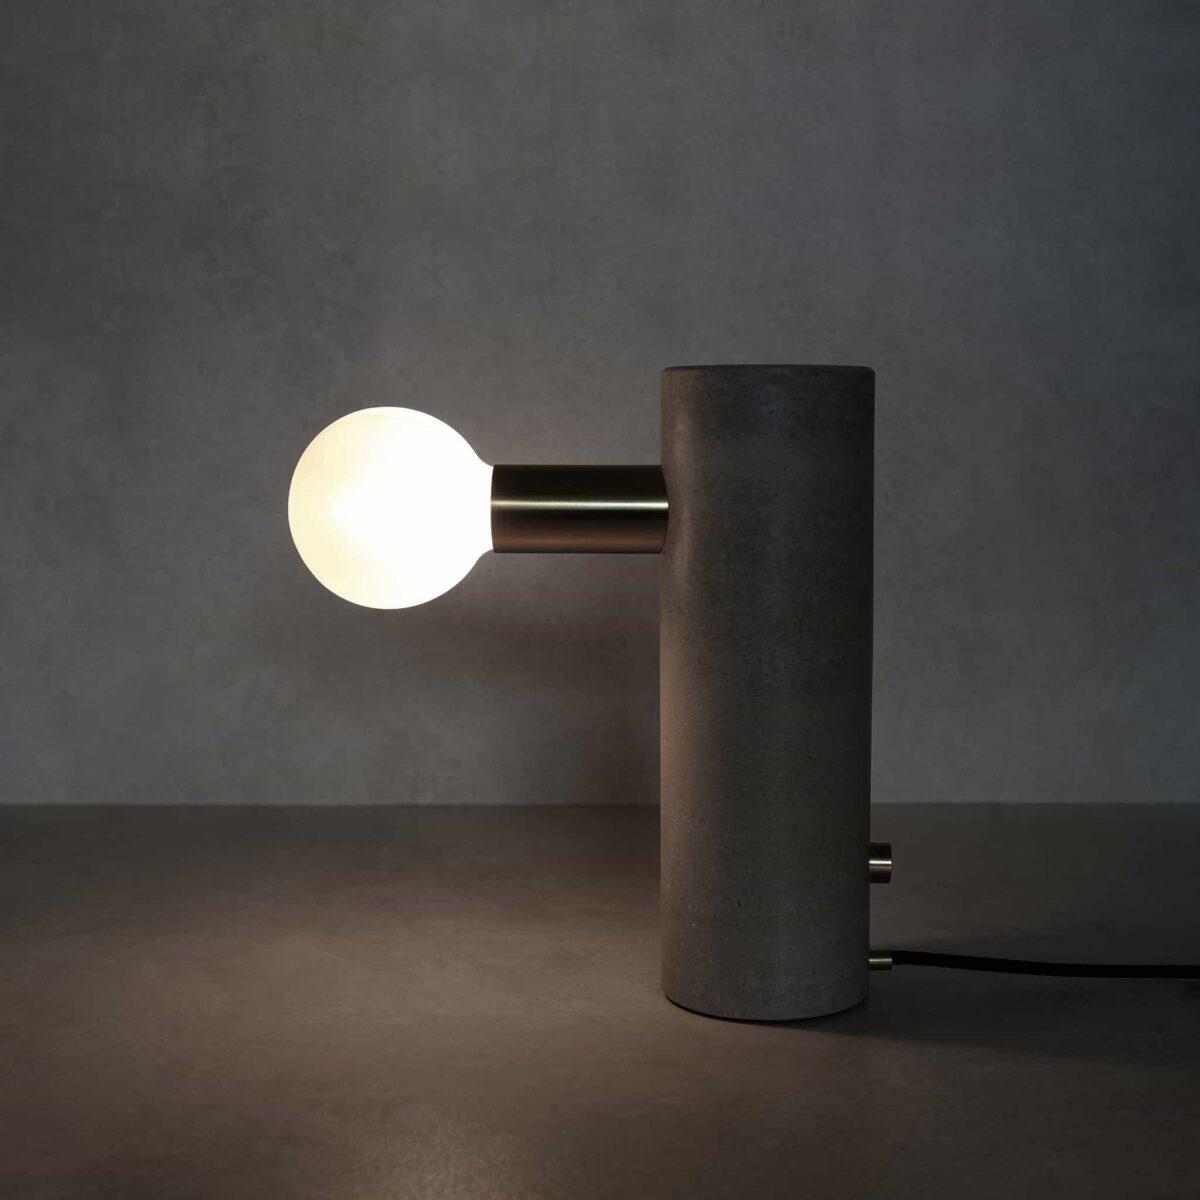 jurassic-light-117-005